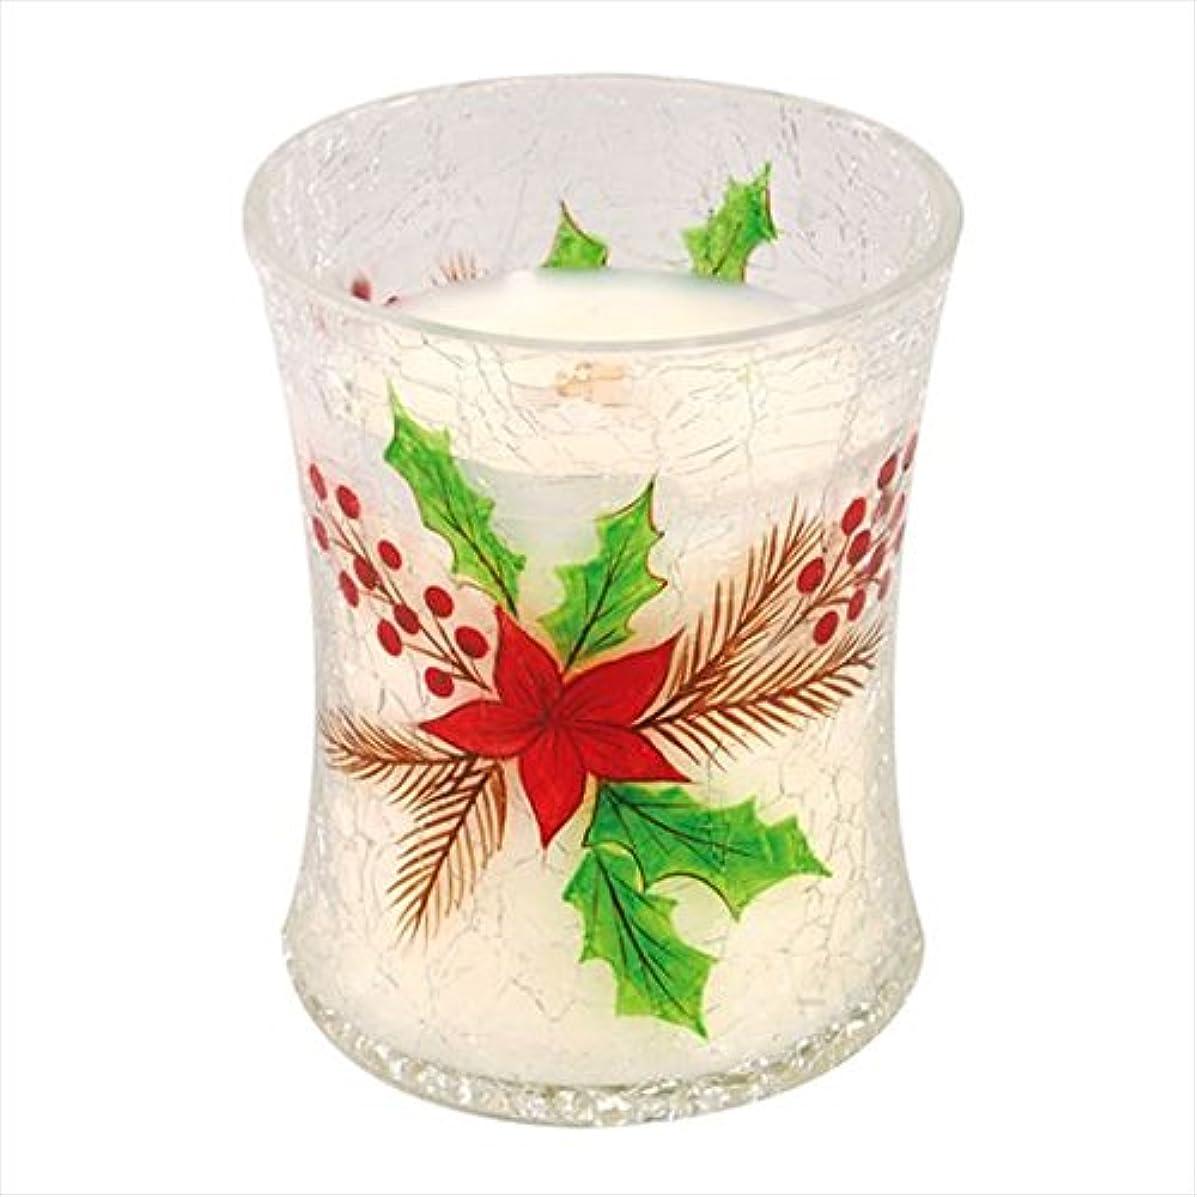 大臣本部熱心なウッドウィック(WoodWick) Wood WickディーカルクラックジャーM 「 クリスマスケーキ 」